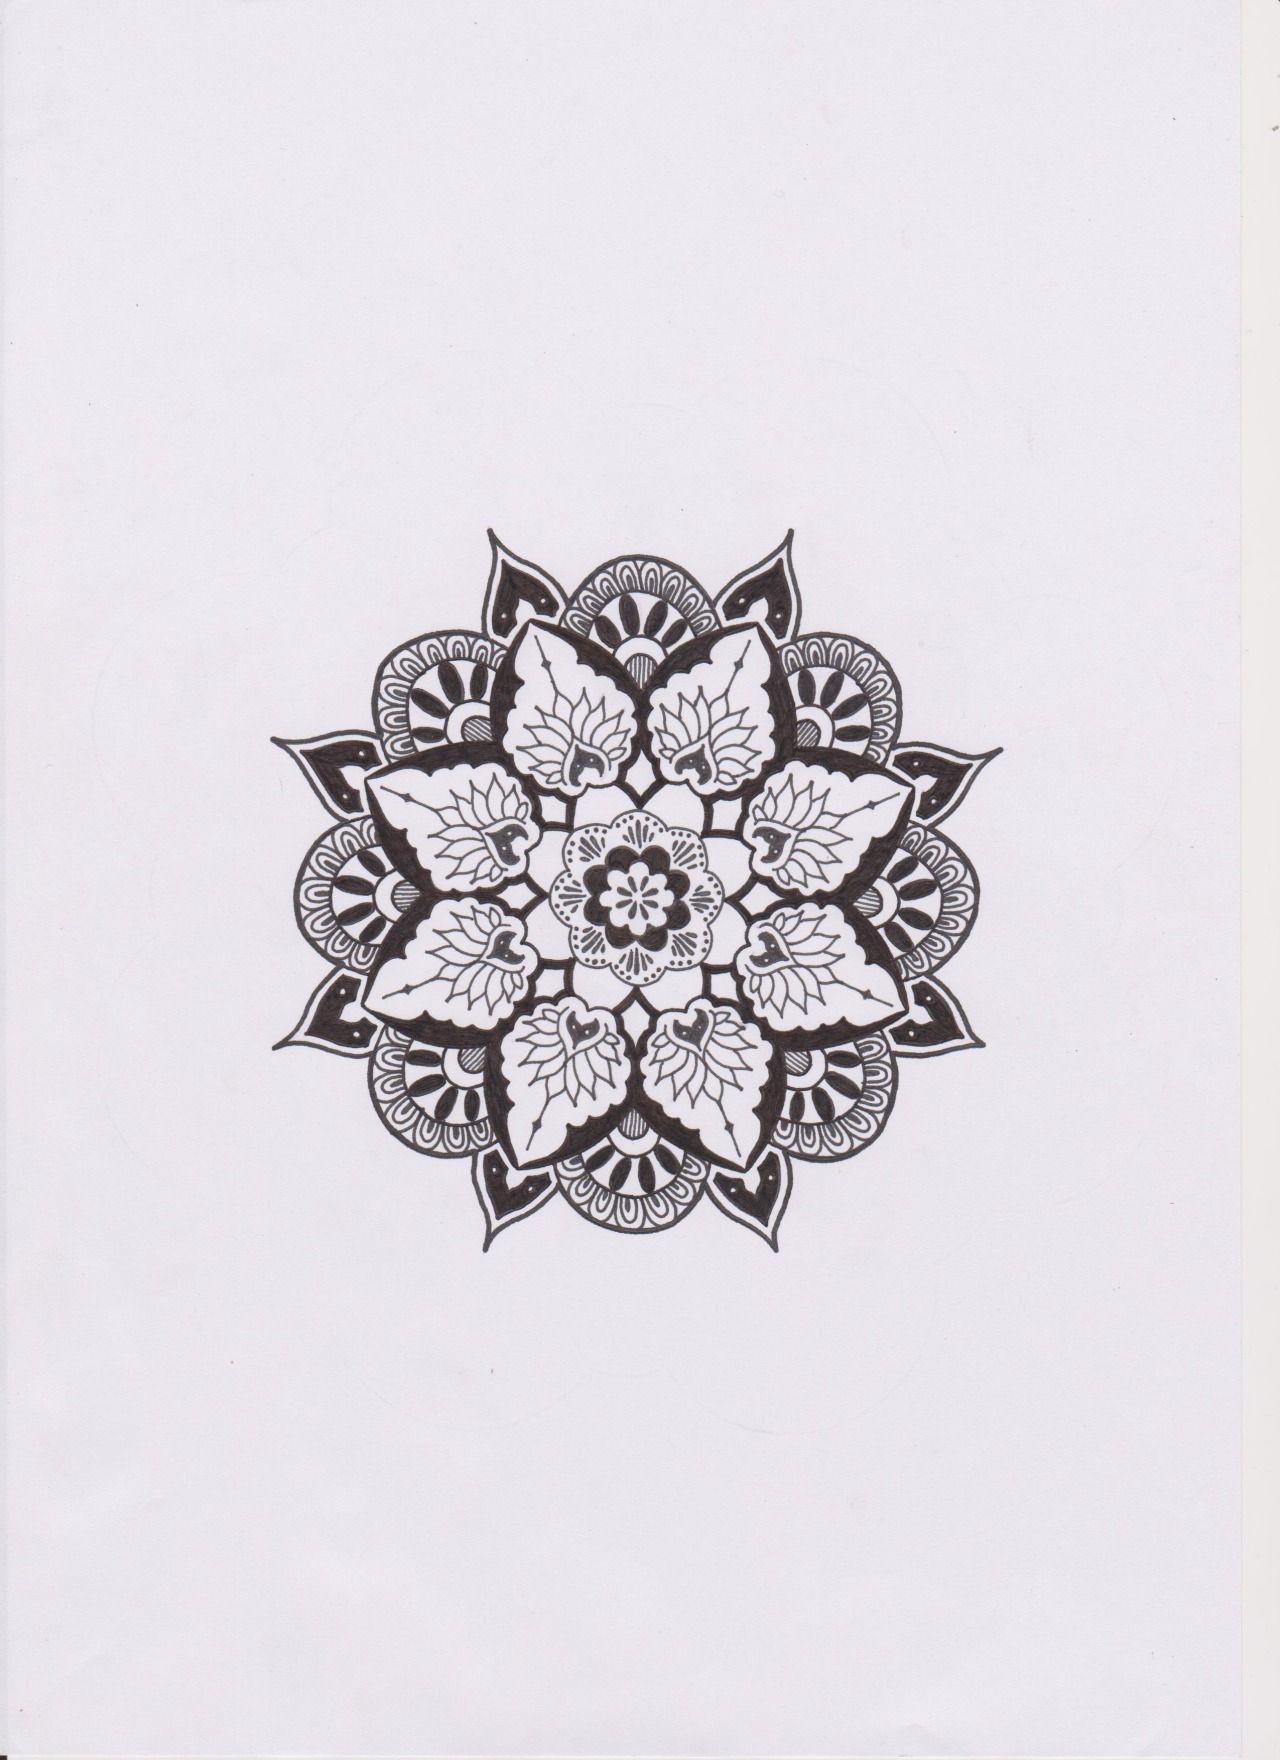 Henna Vorlagen Zum Ausdrucken Inspirierend Proud to Be Nobody Tattoos Bilder